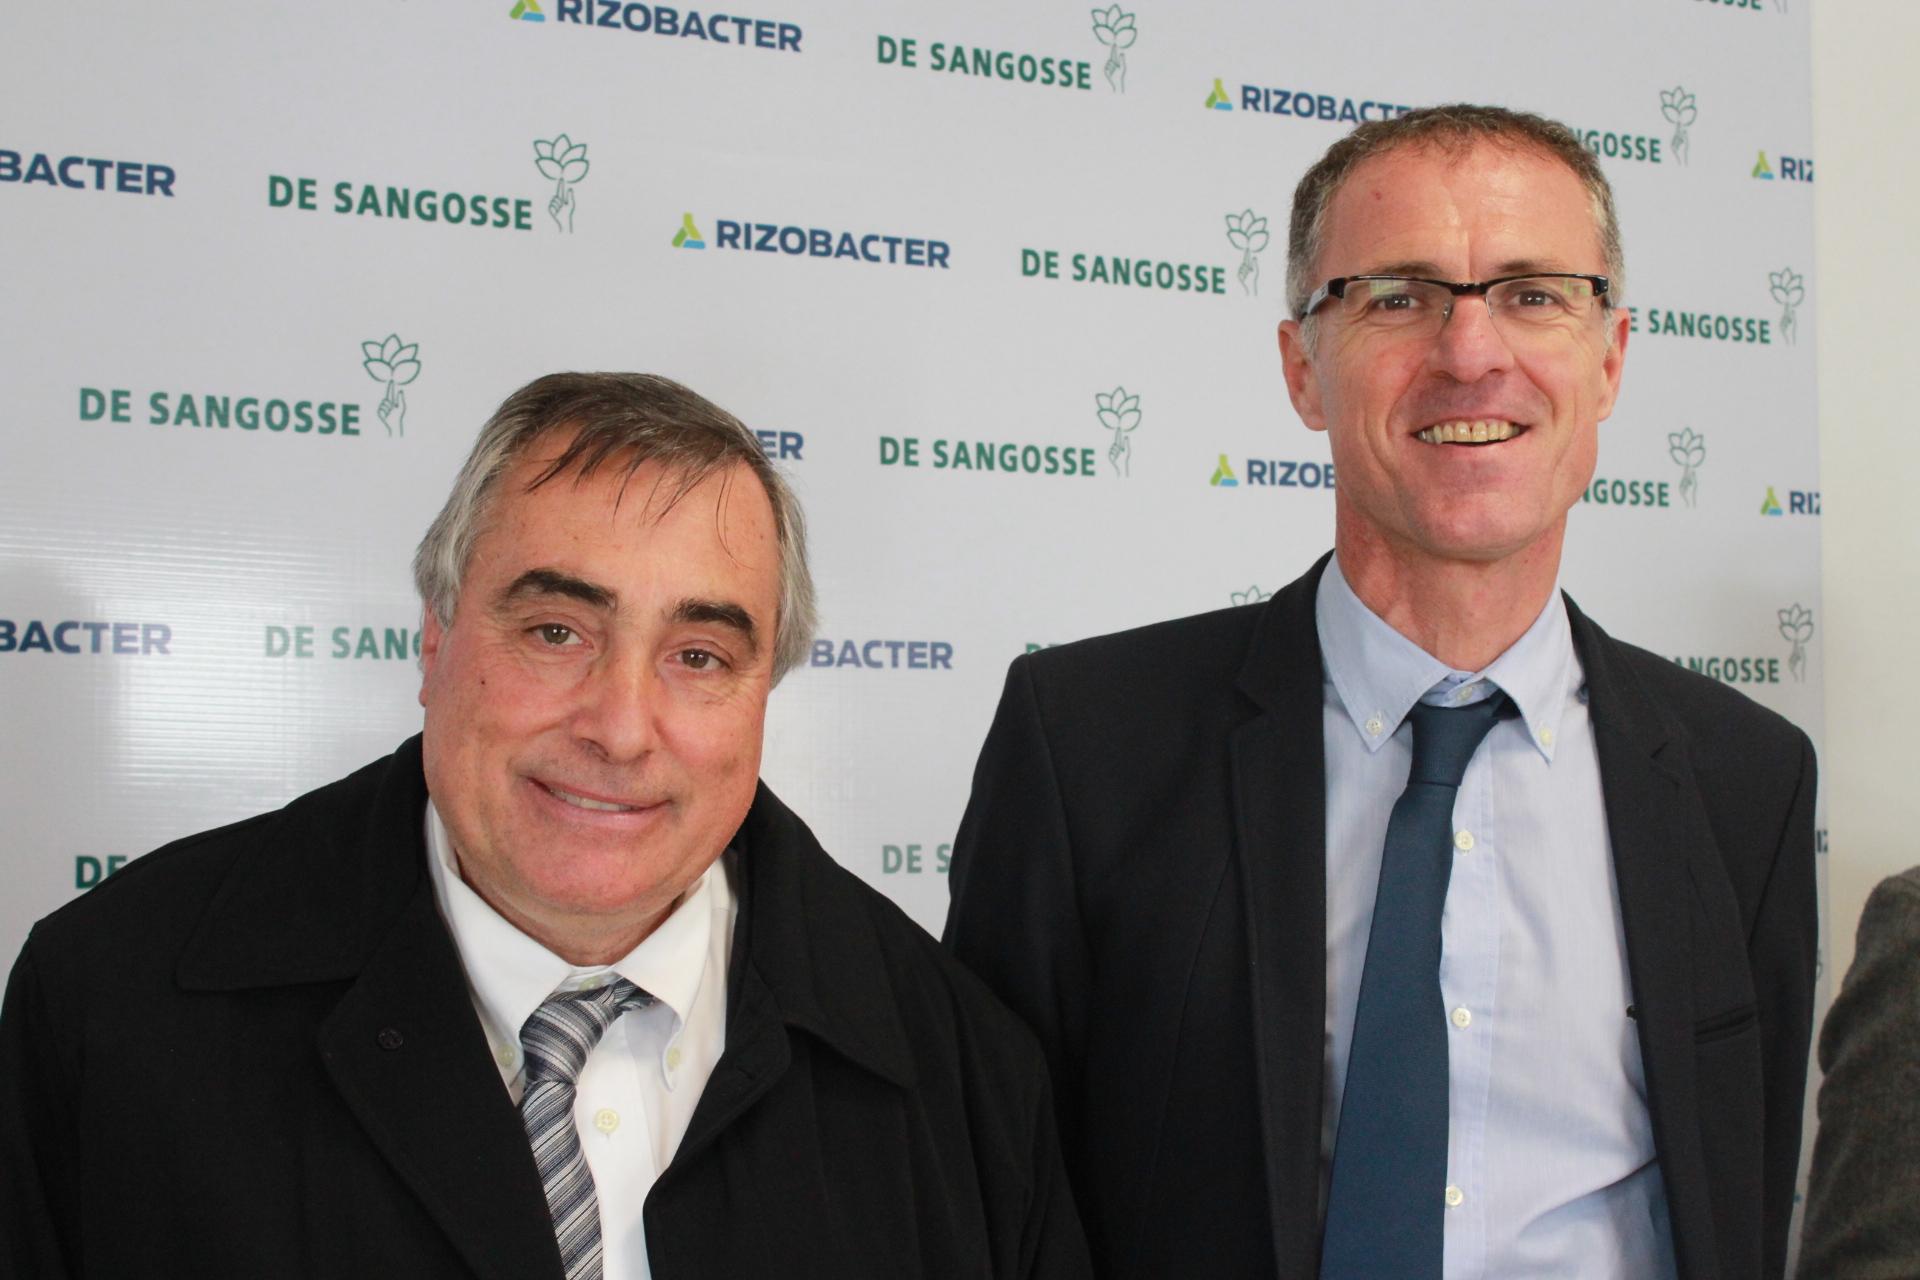 Ricardo Yapur, CEO de la empresa de Pergamino y Nicolás Fillon, CEO del grupo De Sangosse